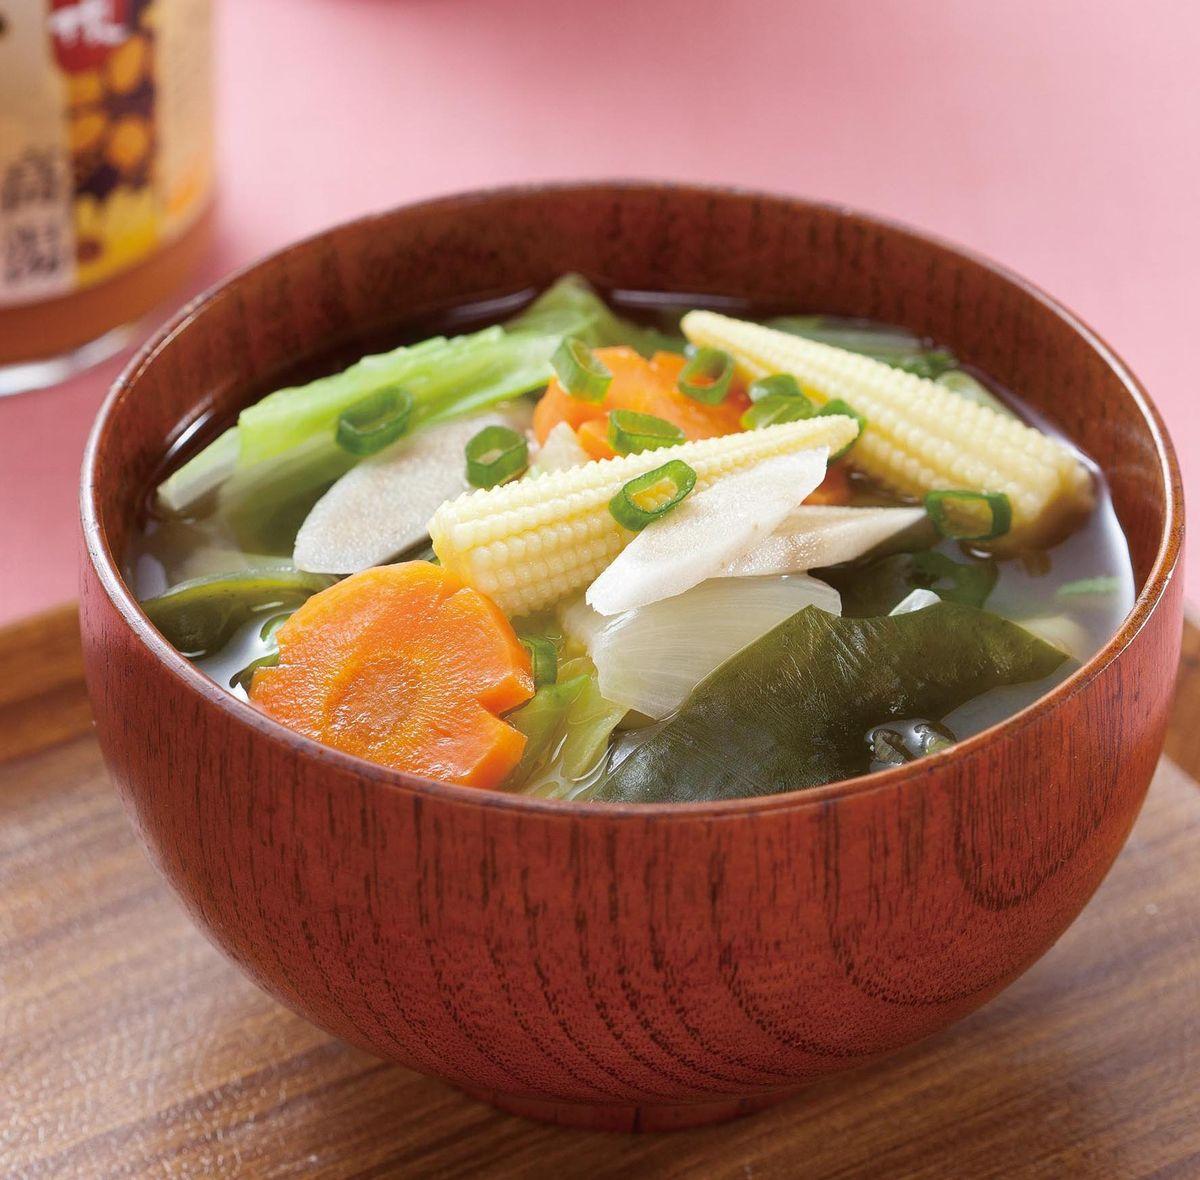 【食譜】蔬菜味噌湯(1):www.ytower.com.tw